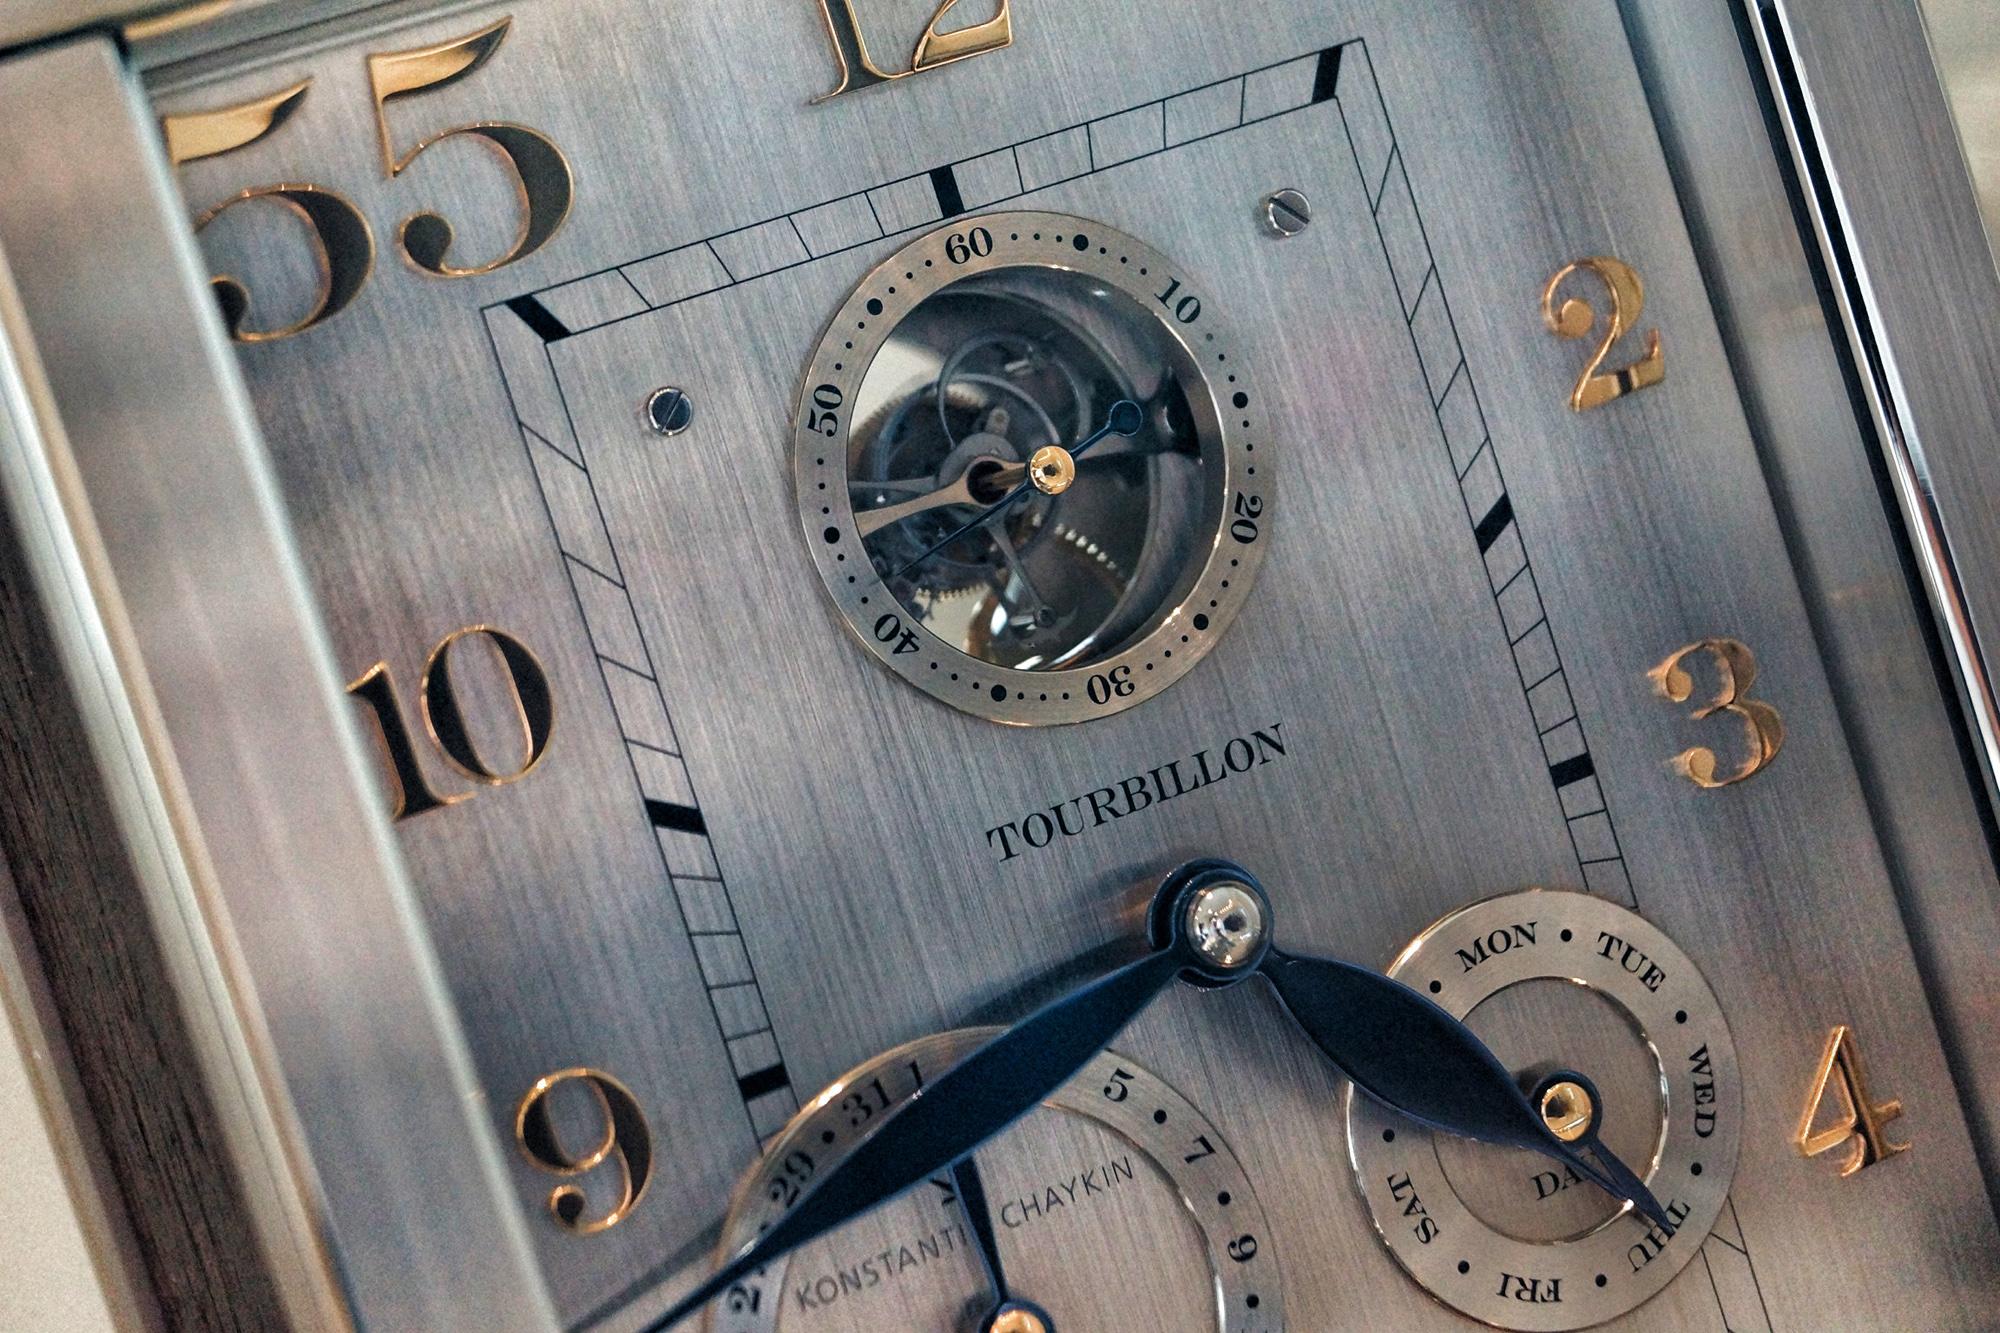 Konstantin Chaykin - Tourbillon 55 Clock